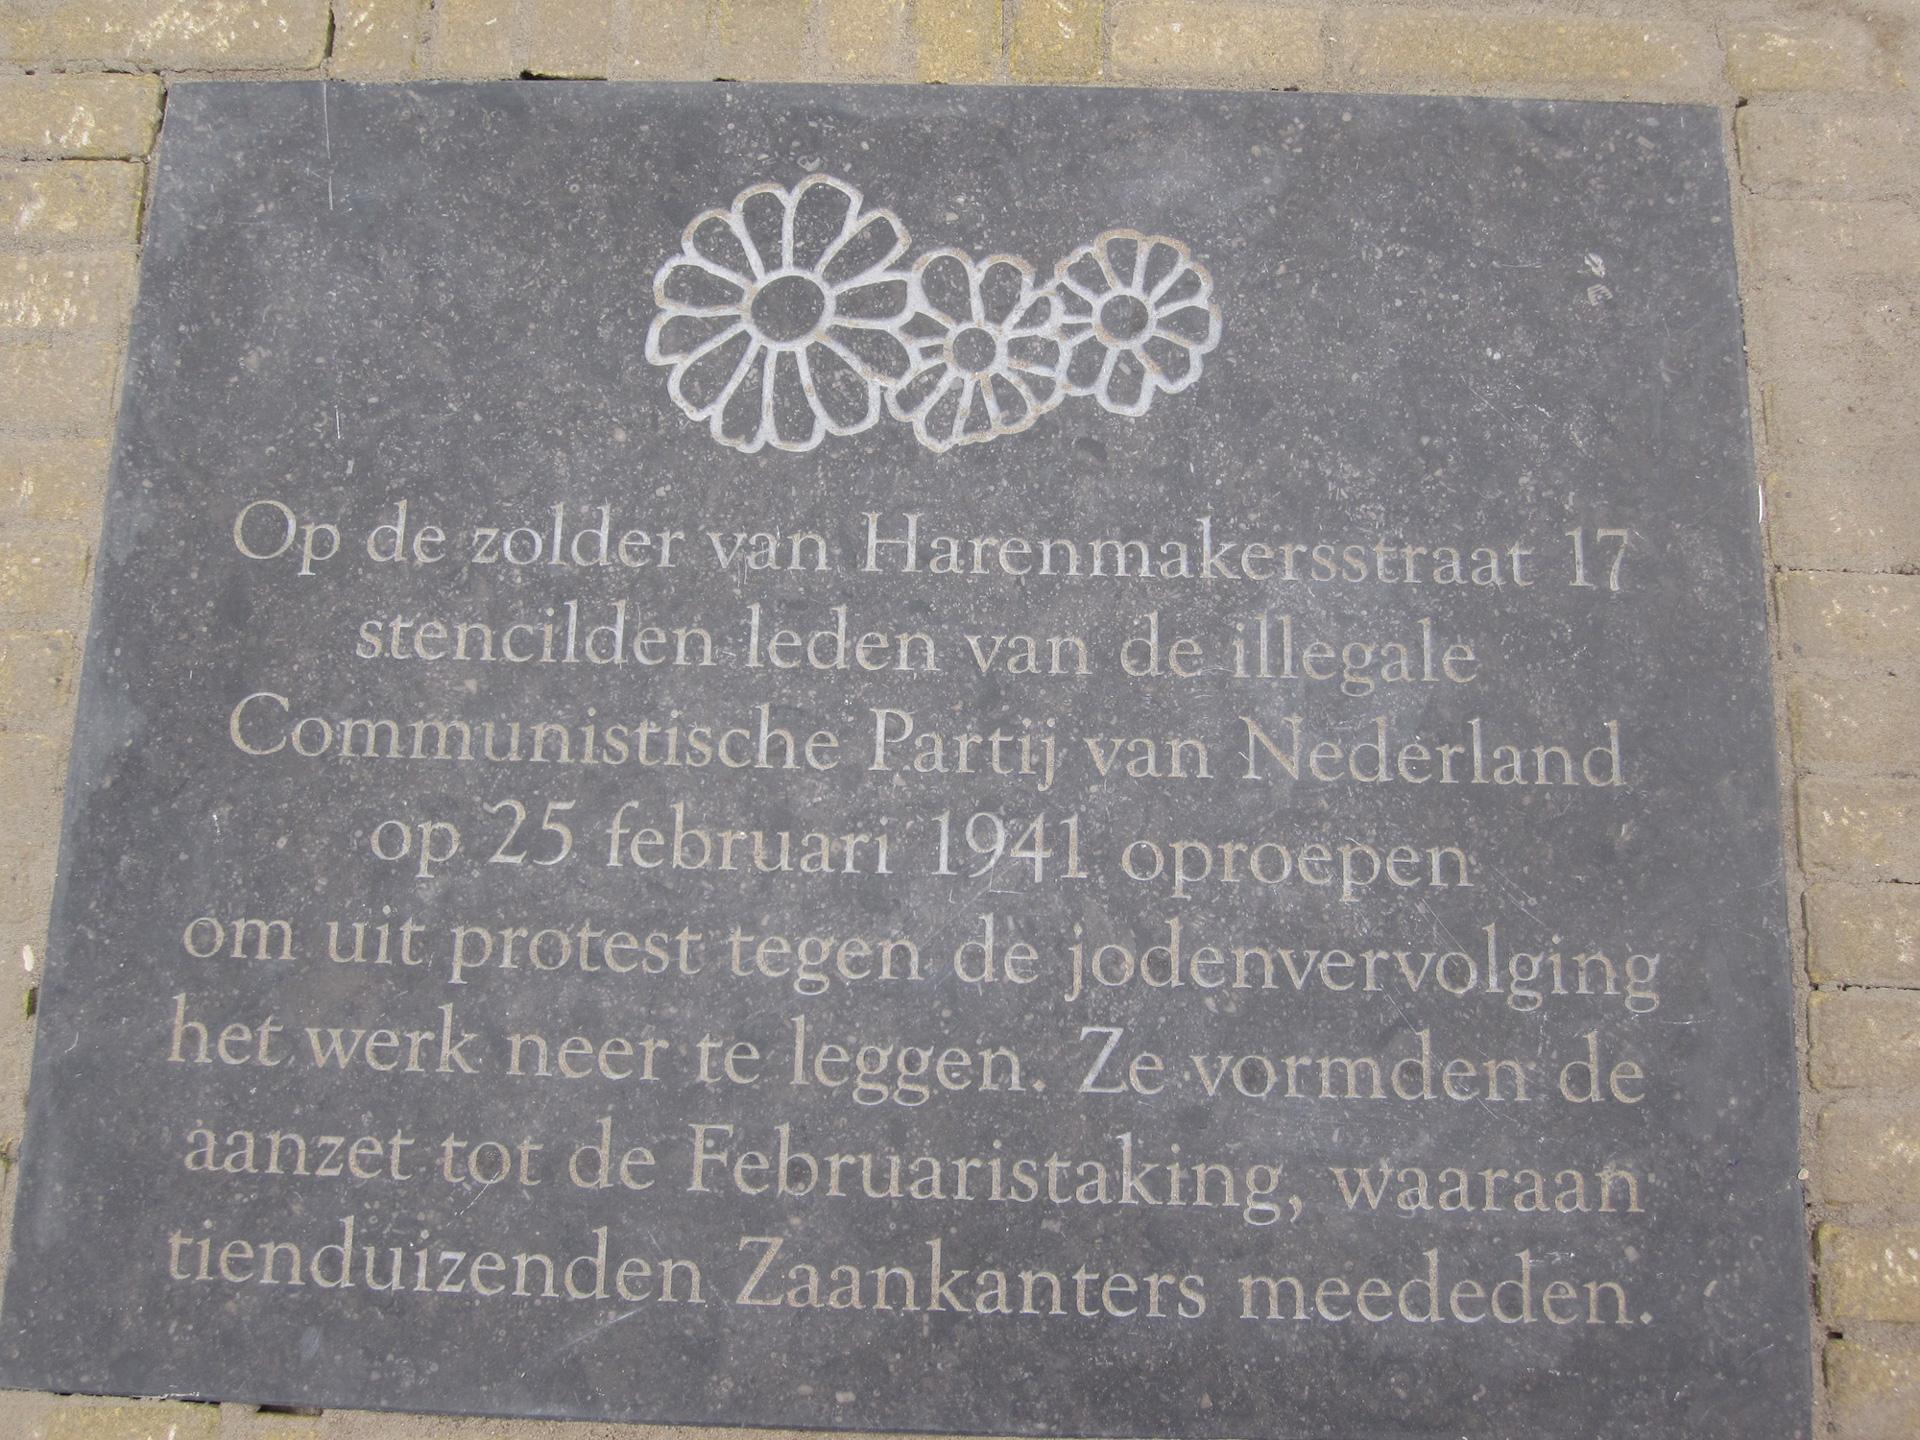 De plaquette is neergelegd in de bestrating, vlakbij de woning waar de oproep tot staken werd vermenigvuldigd. (Foto: Harry Homma)